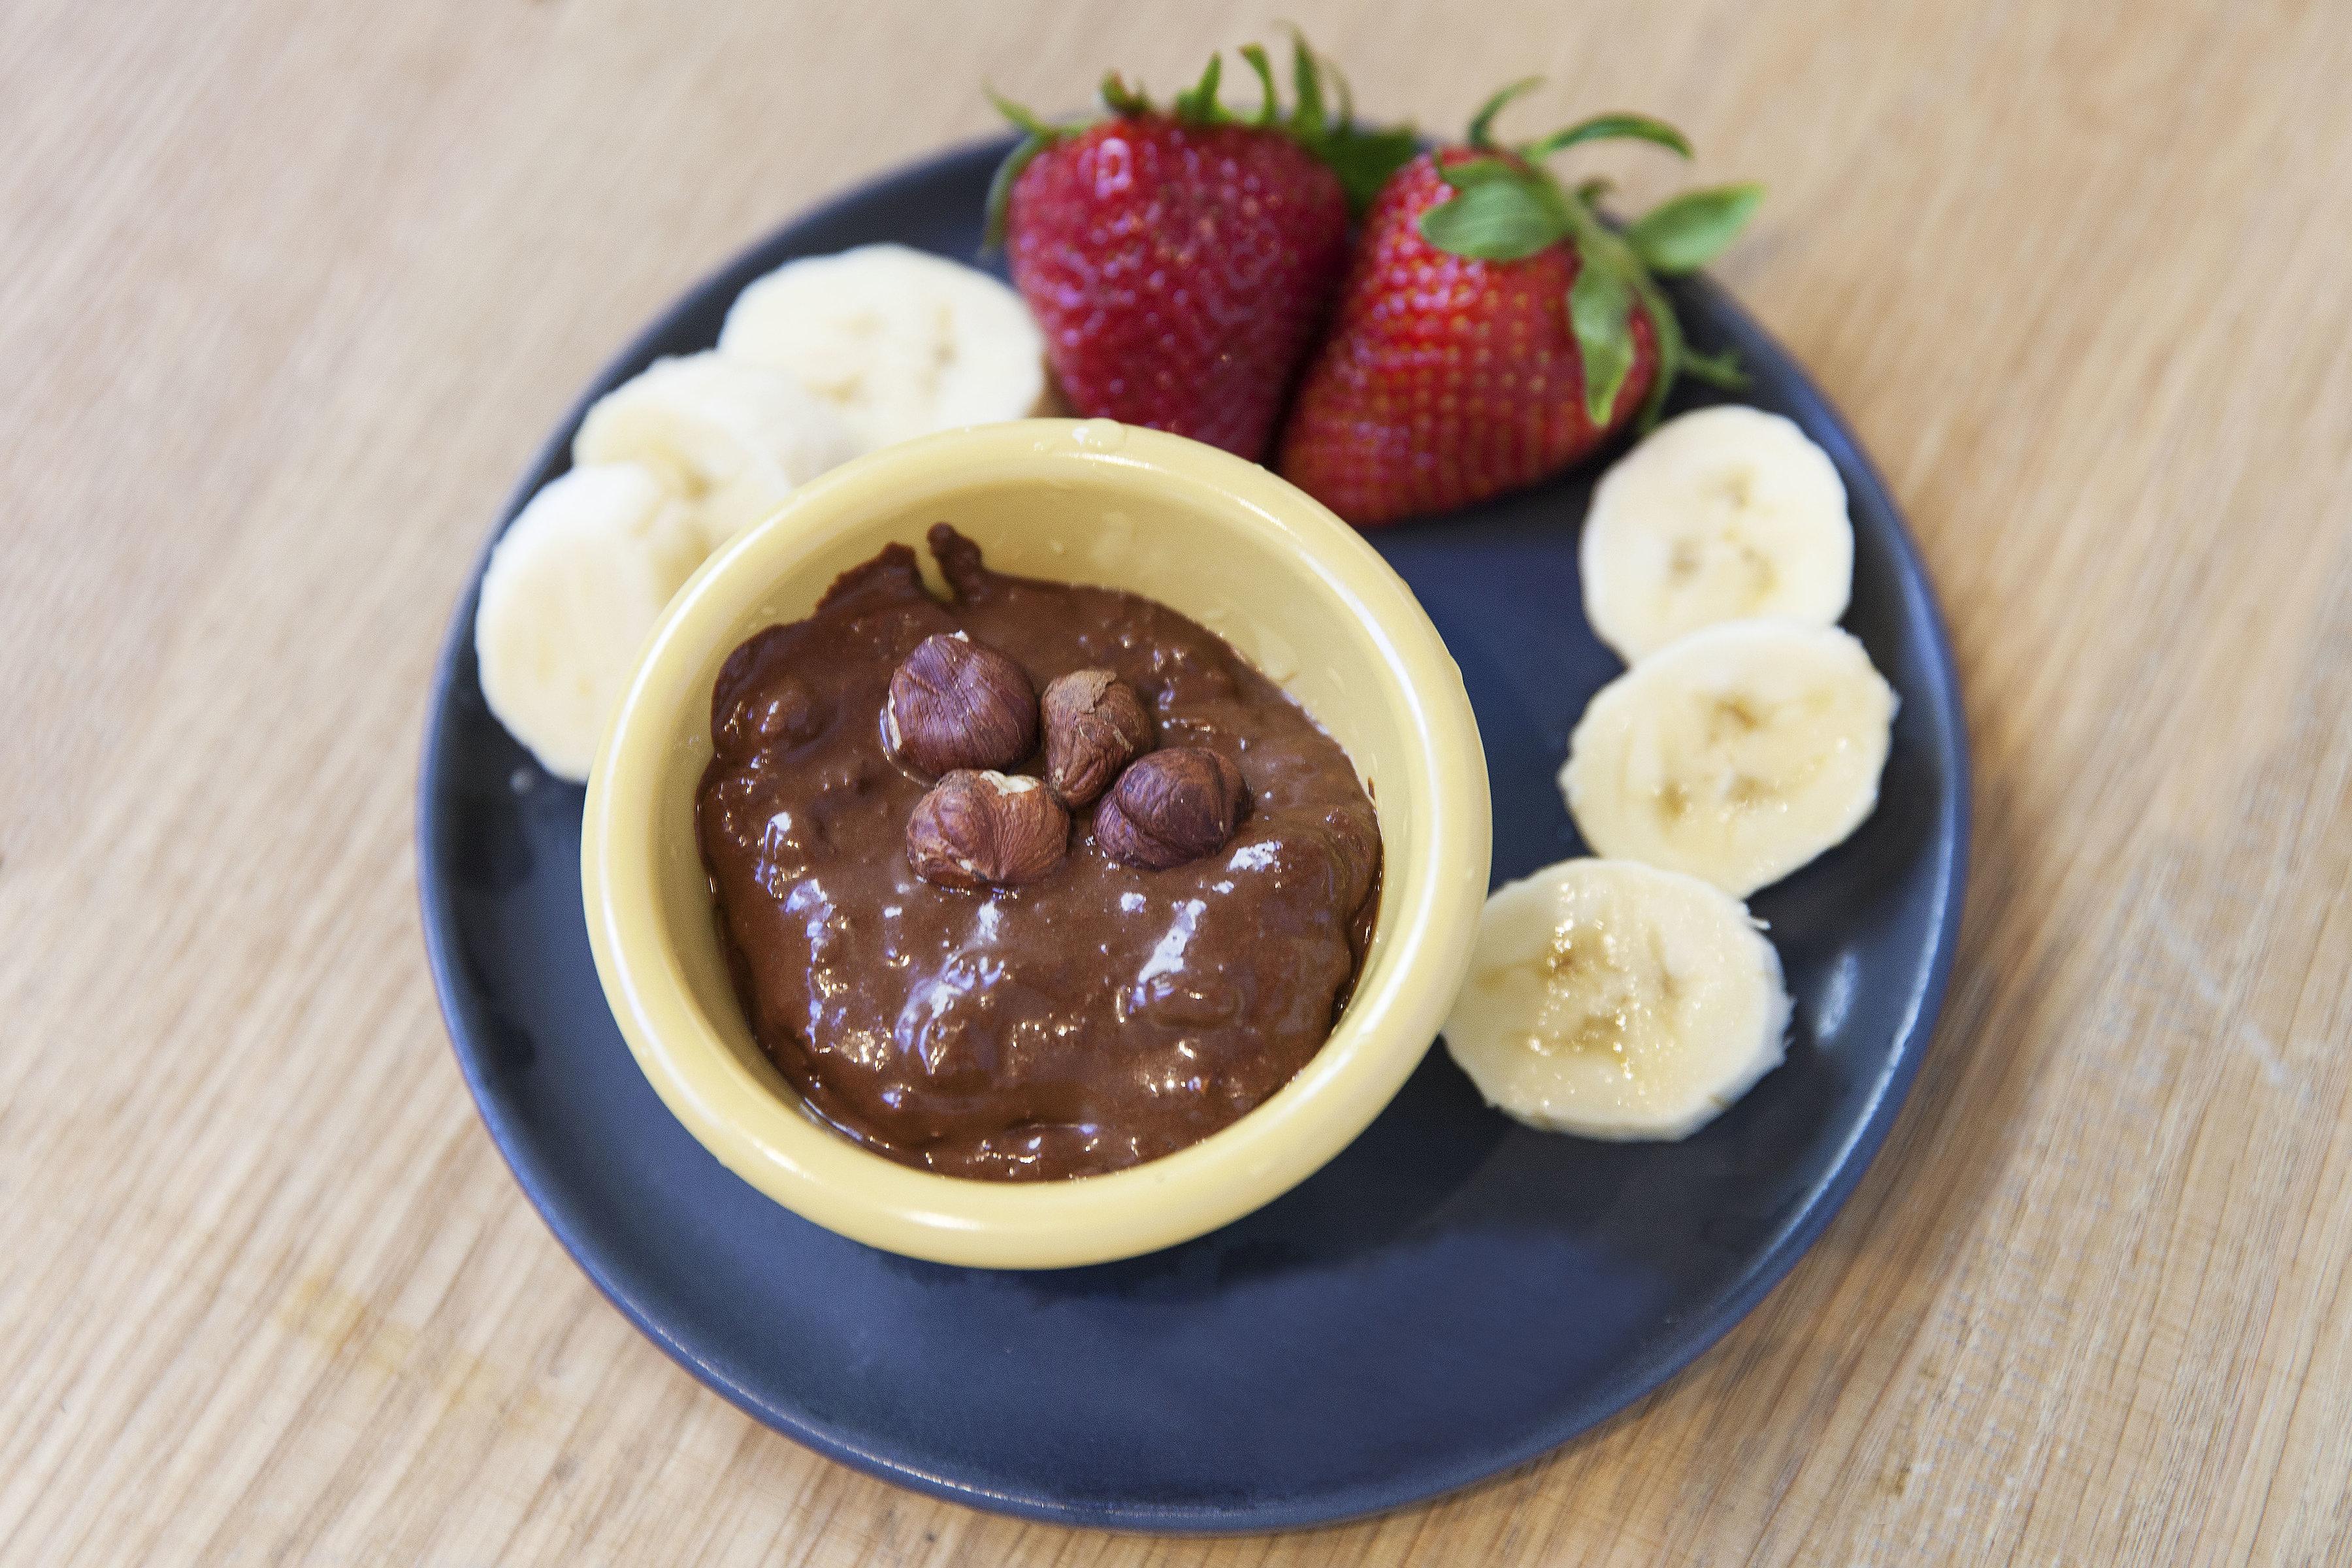 Chocolate mousse w/ fresh fruit